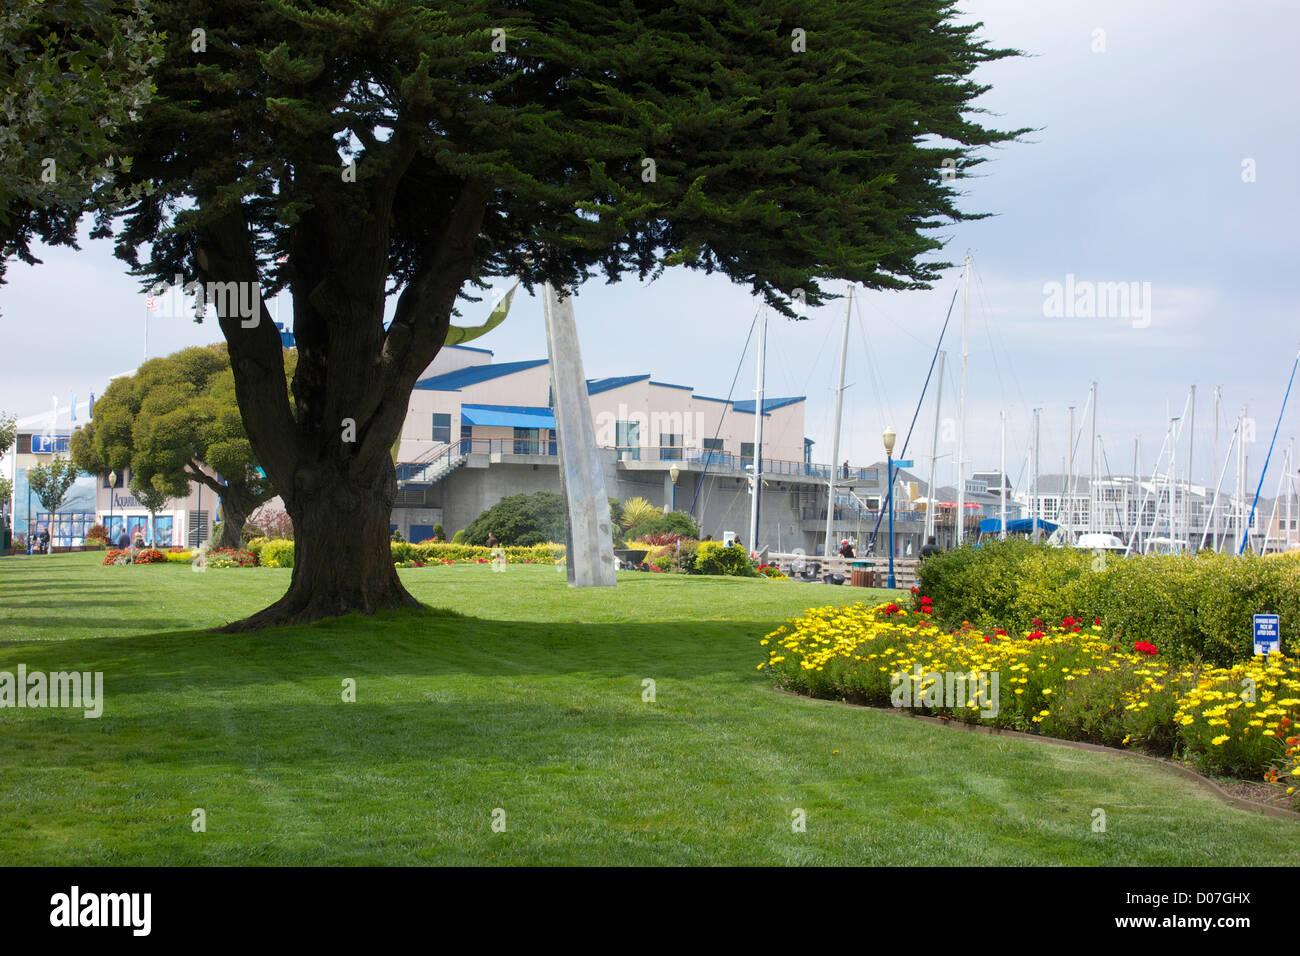 lawn and flower garden near pier 39. san francisco, california stock